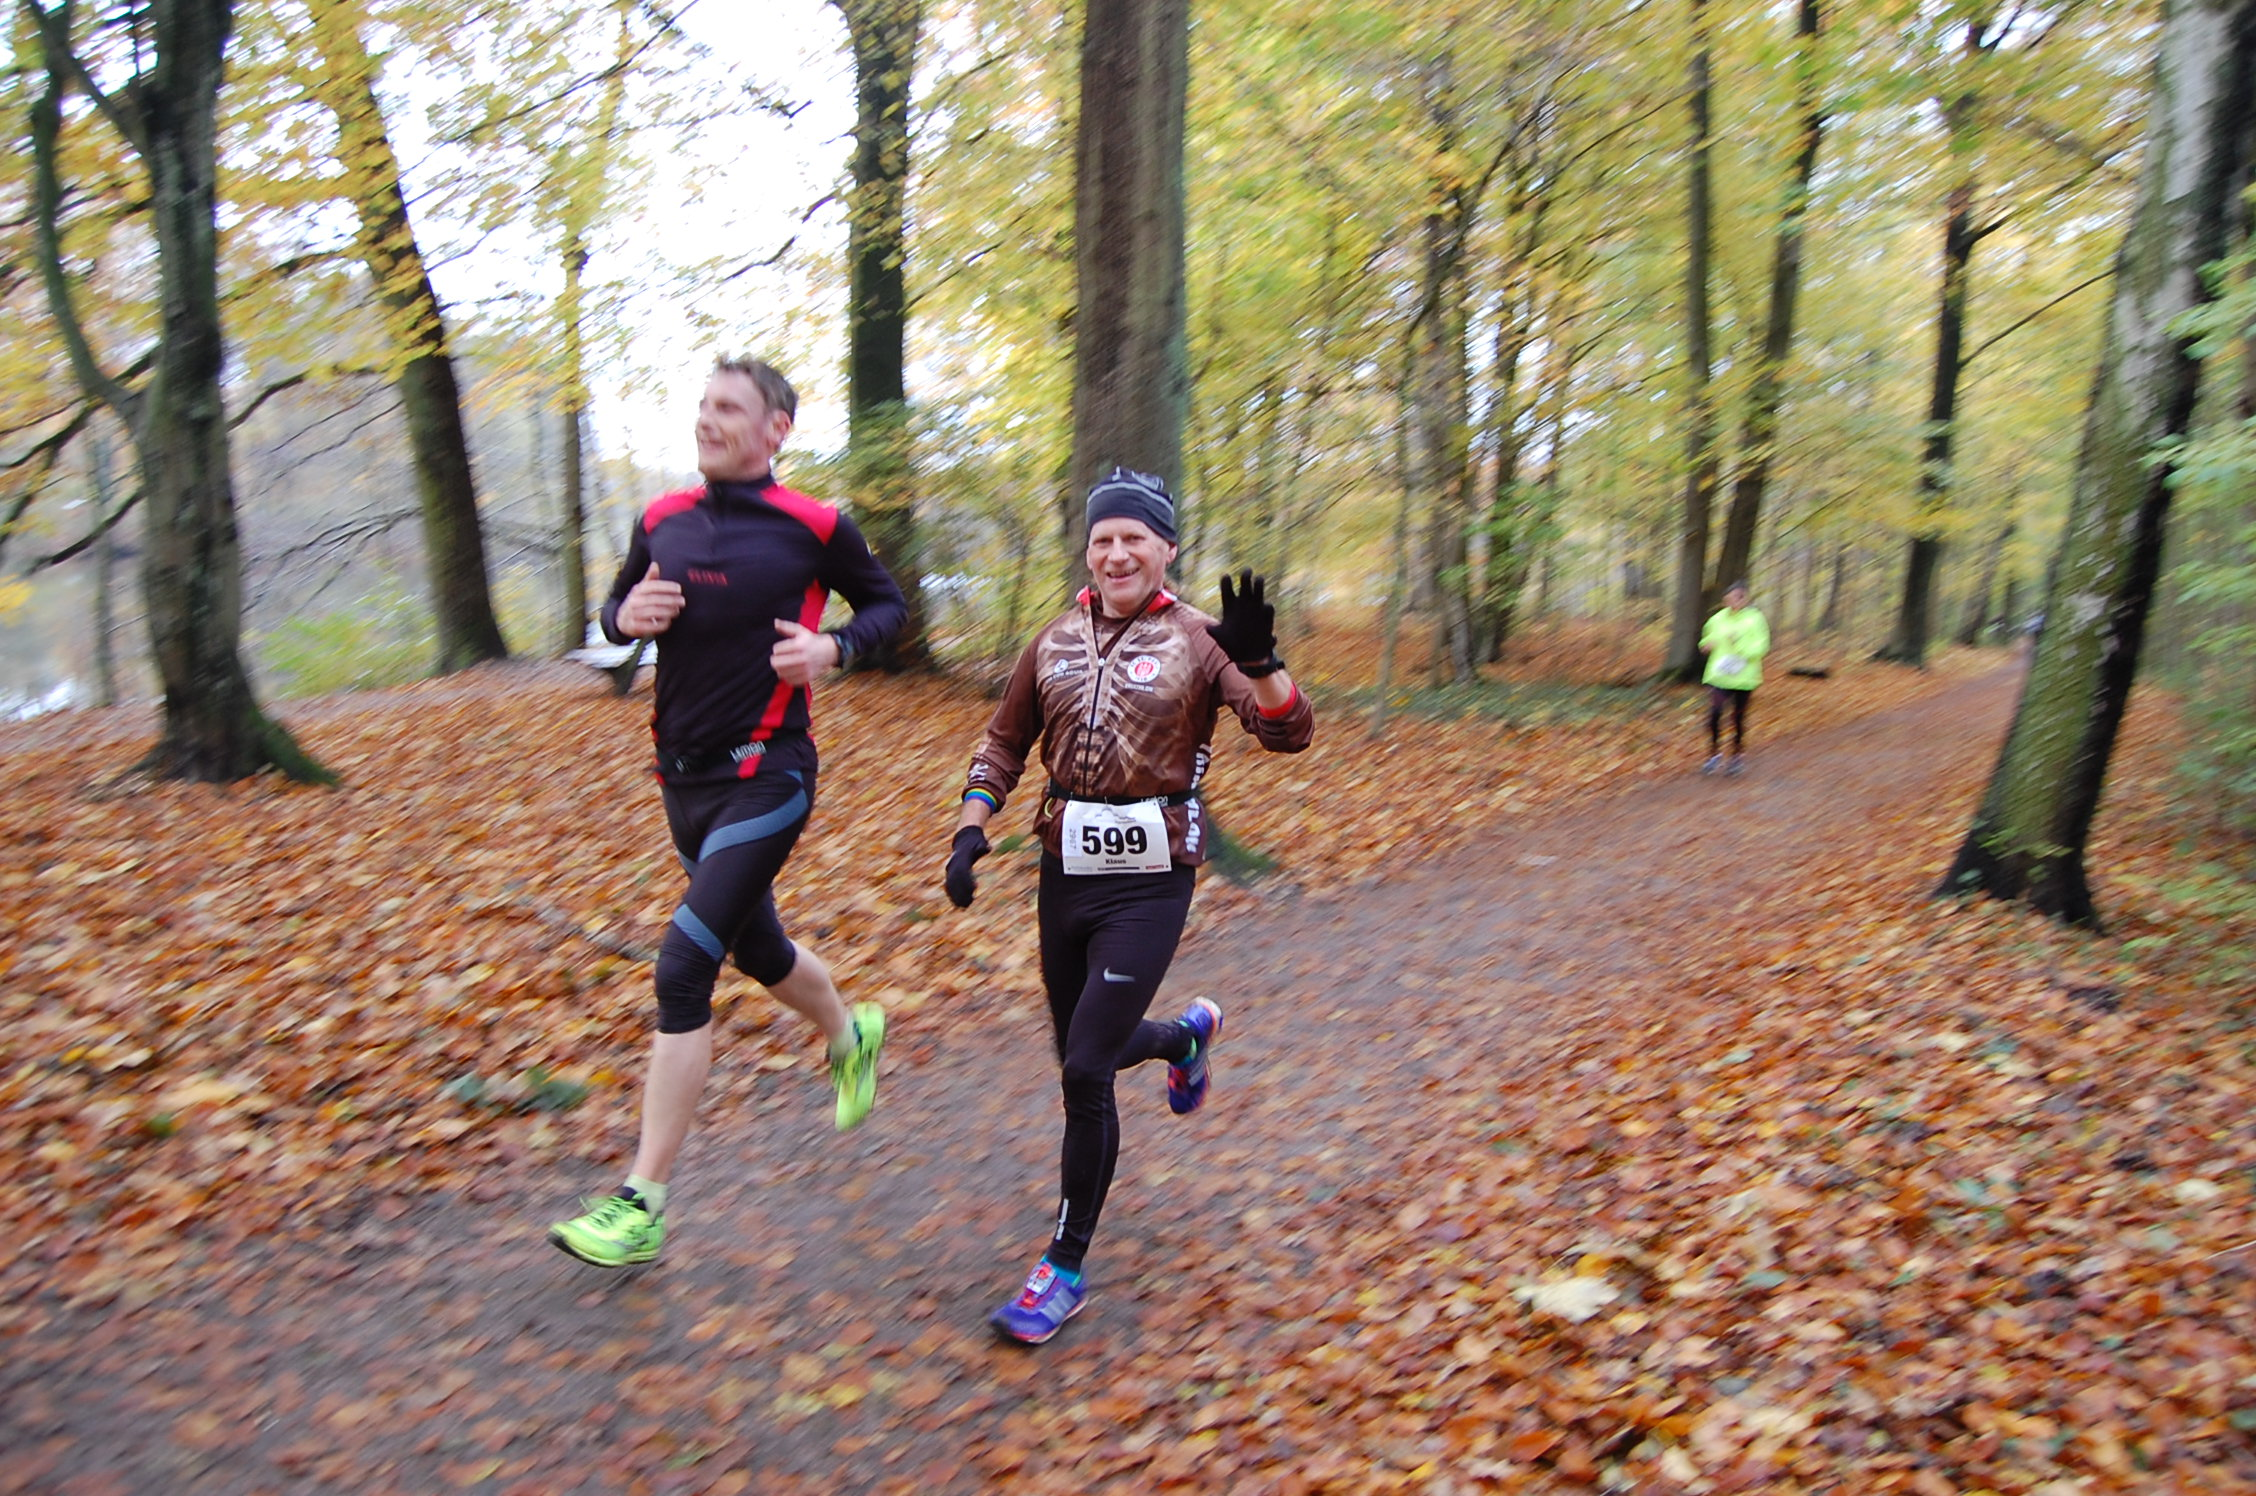 28. Bramfelder Winterlaufserie, 1. Lauf: Eindrücke von der Laufstrecke